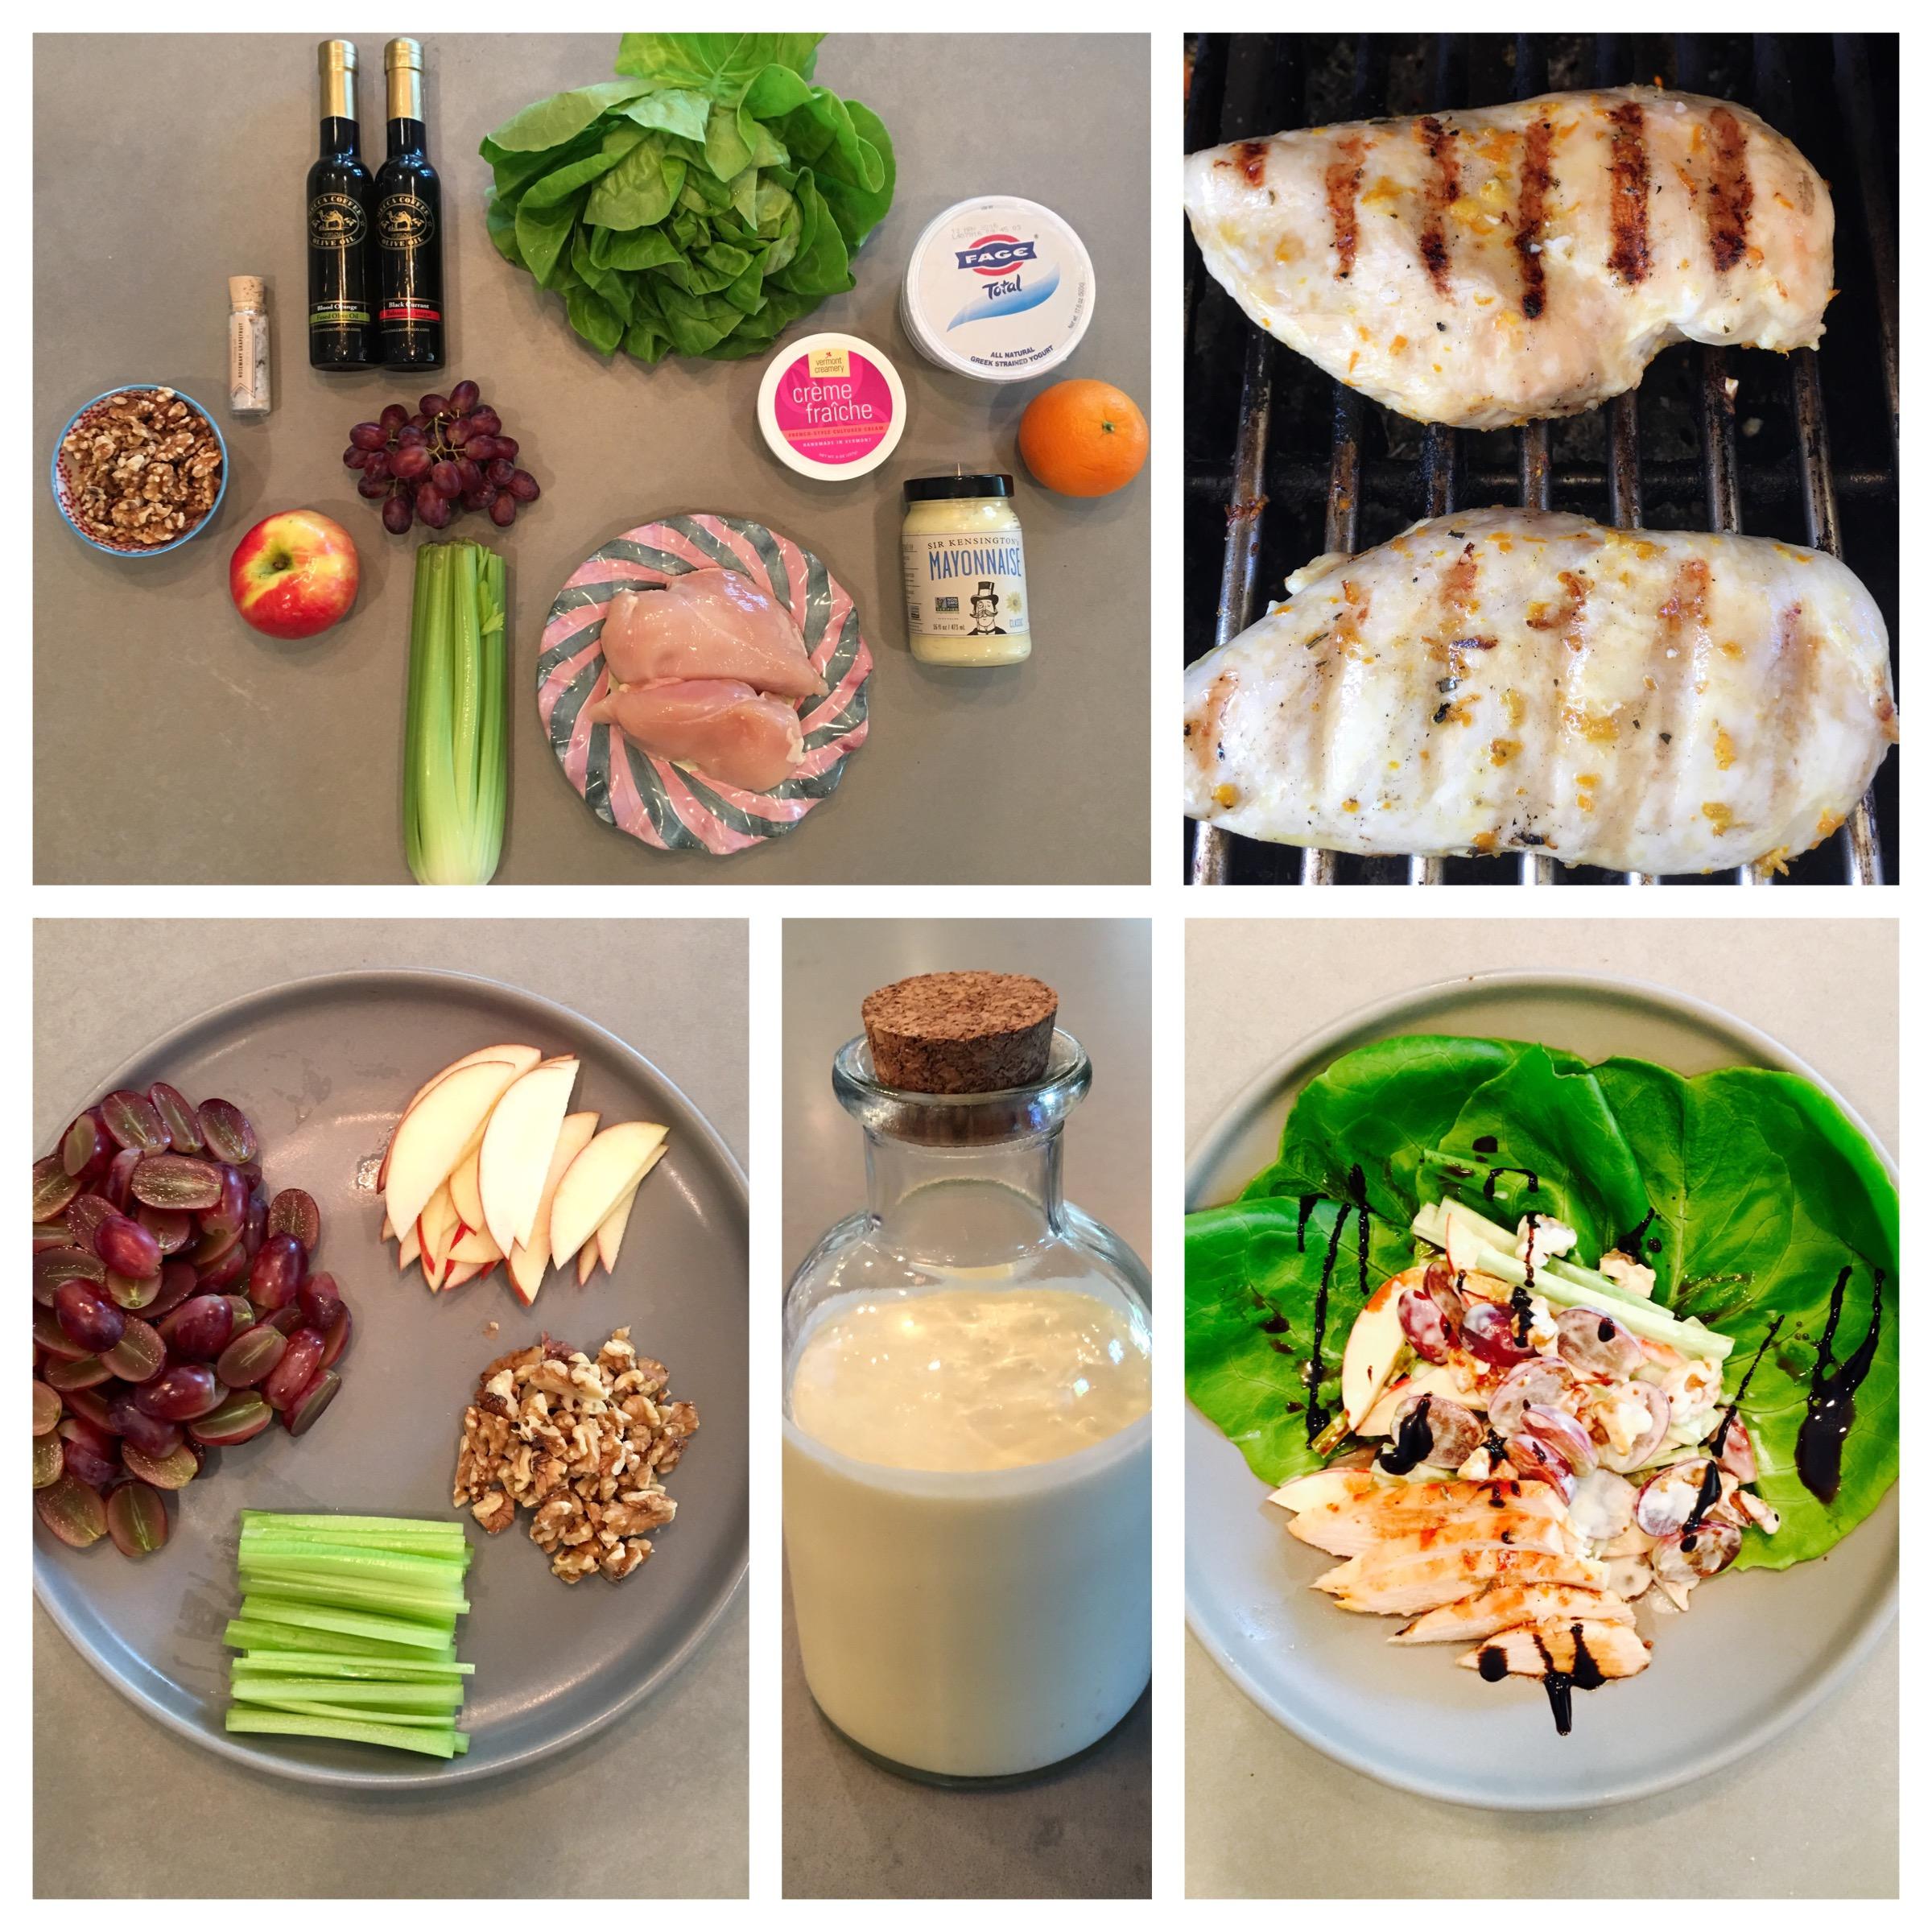 Sage Farm's Grilled Chicken Waldlorf Salad